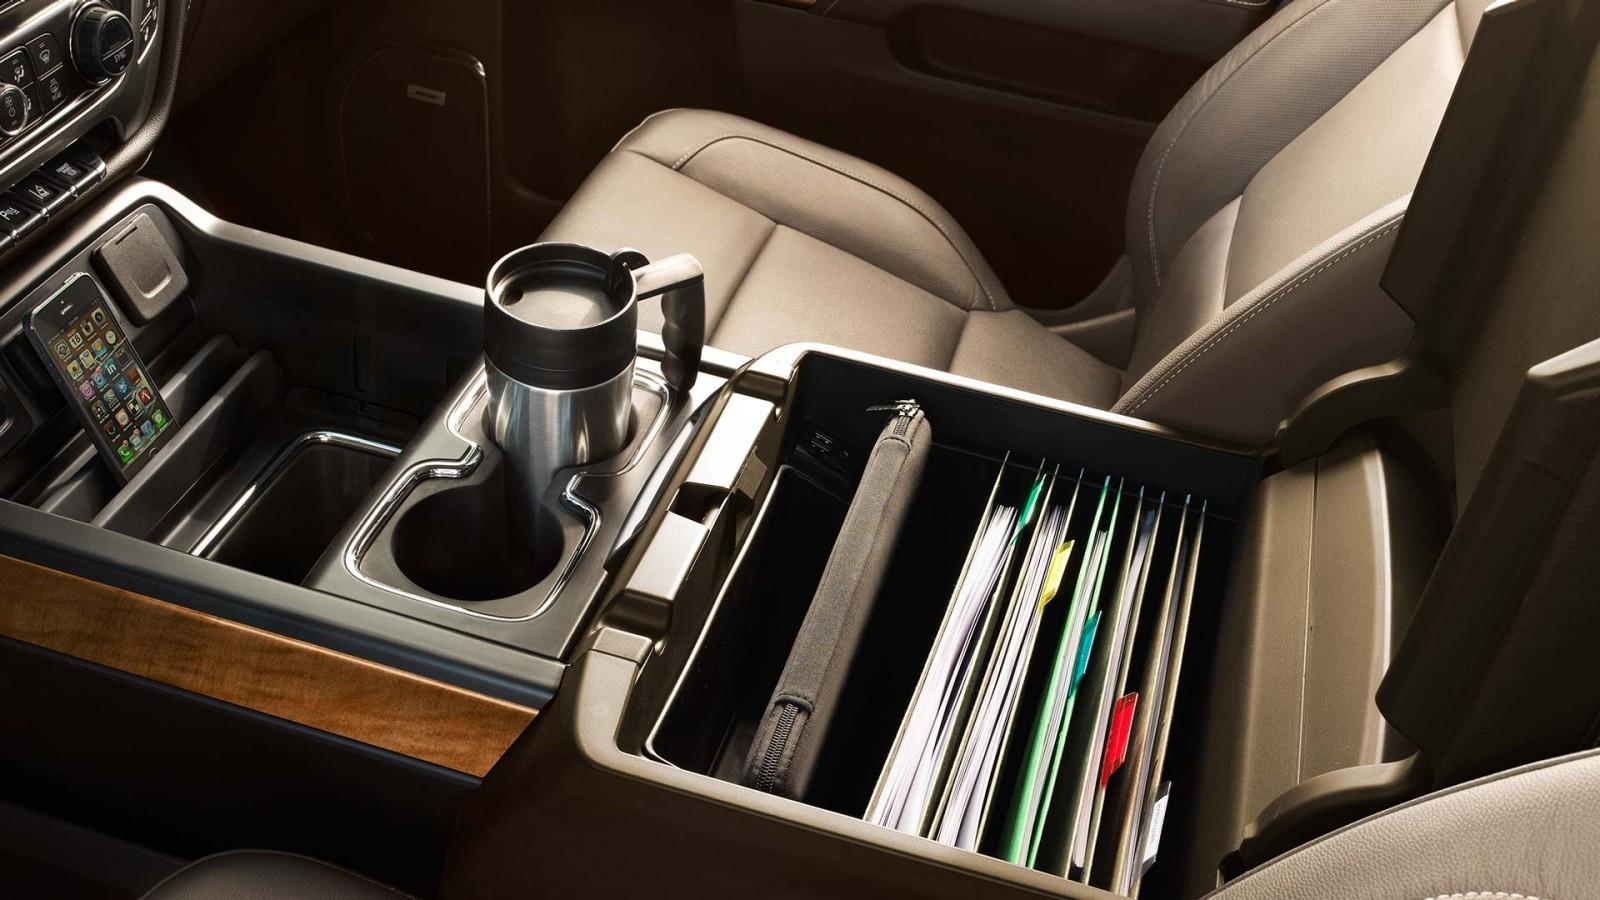 New Chevrolet Silverado 2500 Interior image 1